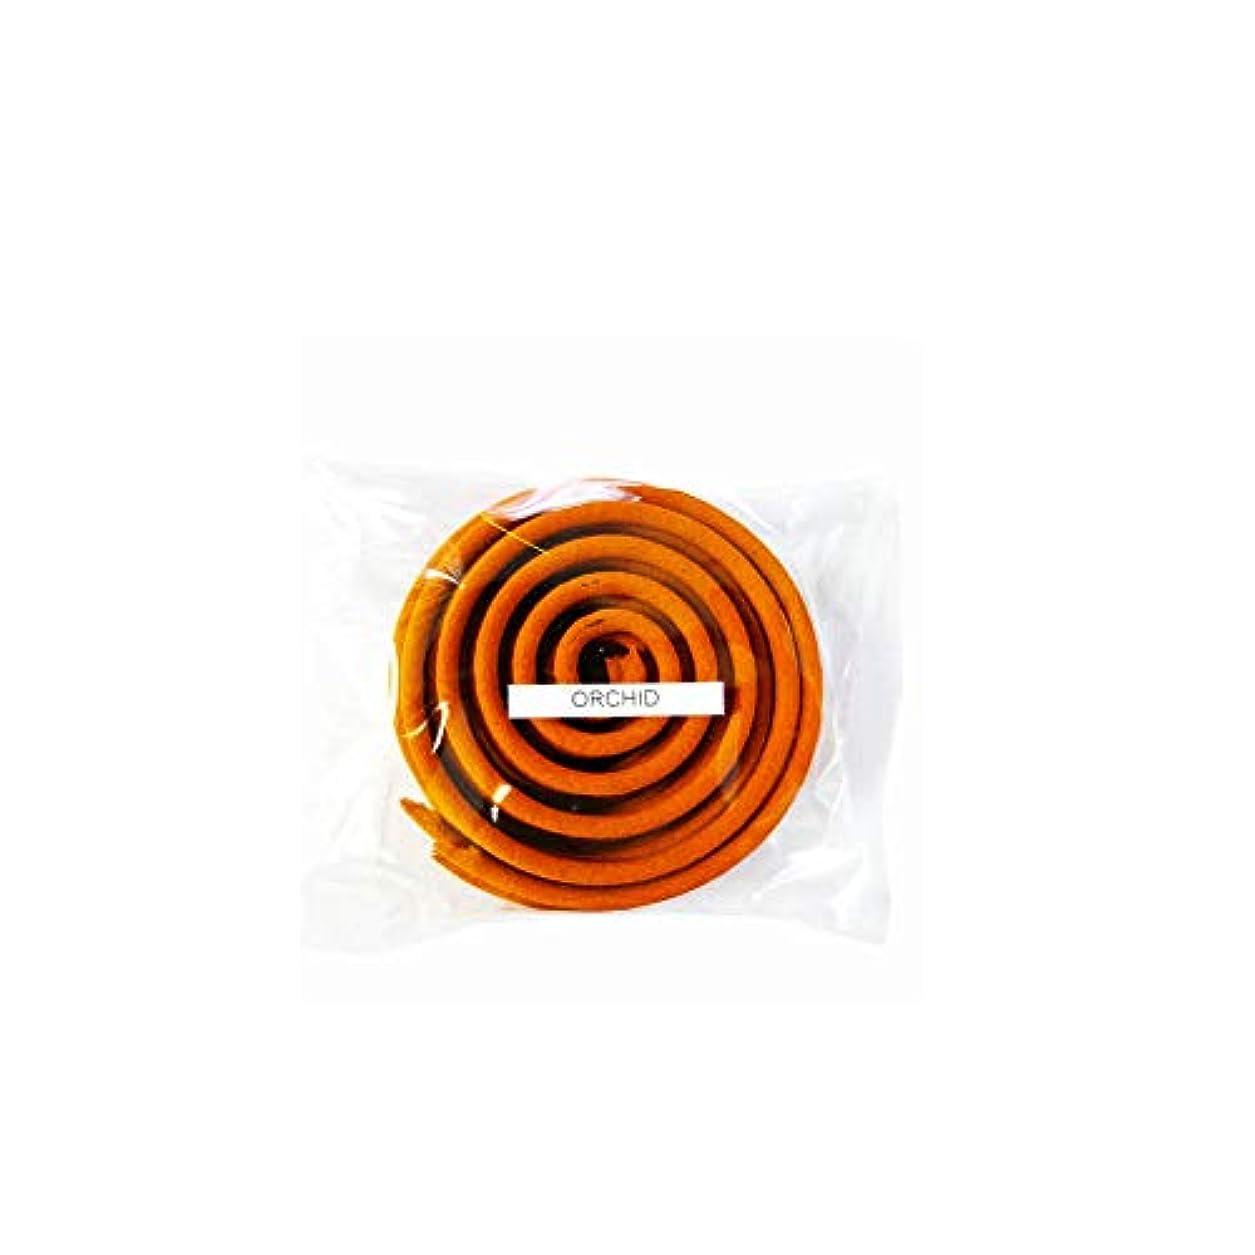 イブ発掘するビートお香/うずまき香 ORCHID オーキッド 直径6.5cm×5巻セット [並行輸入品]